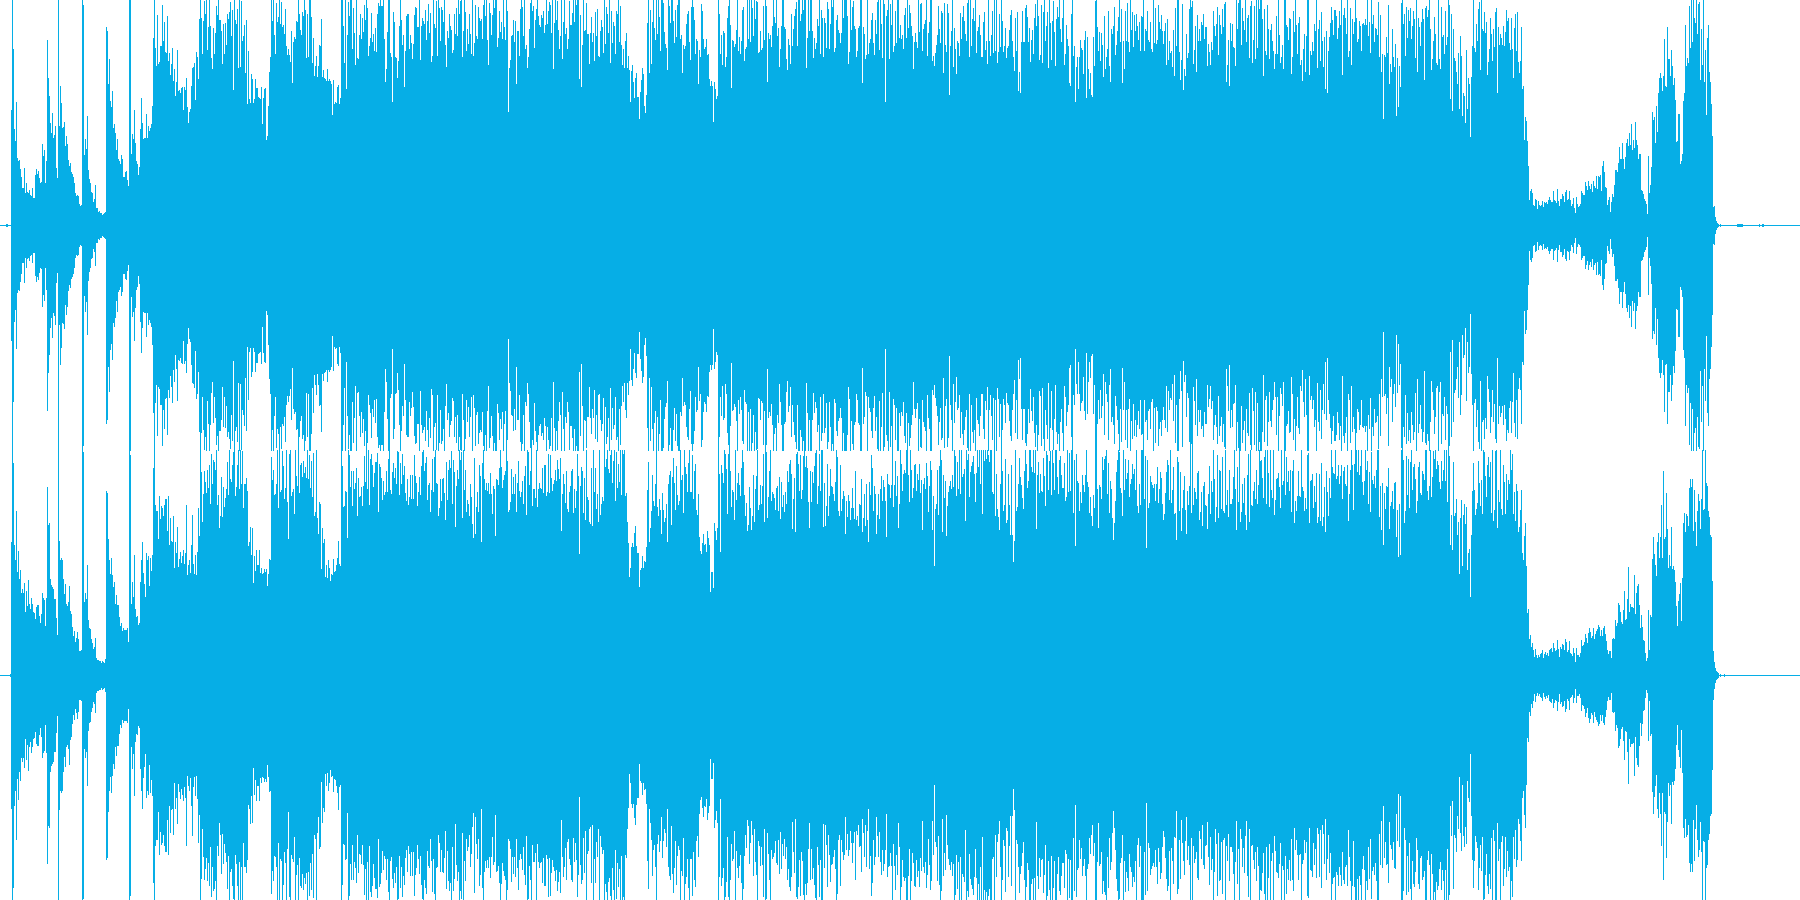 どこか懐かしいハードロックバンドサウンドの再生済みの波形